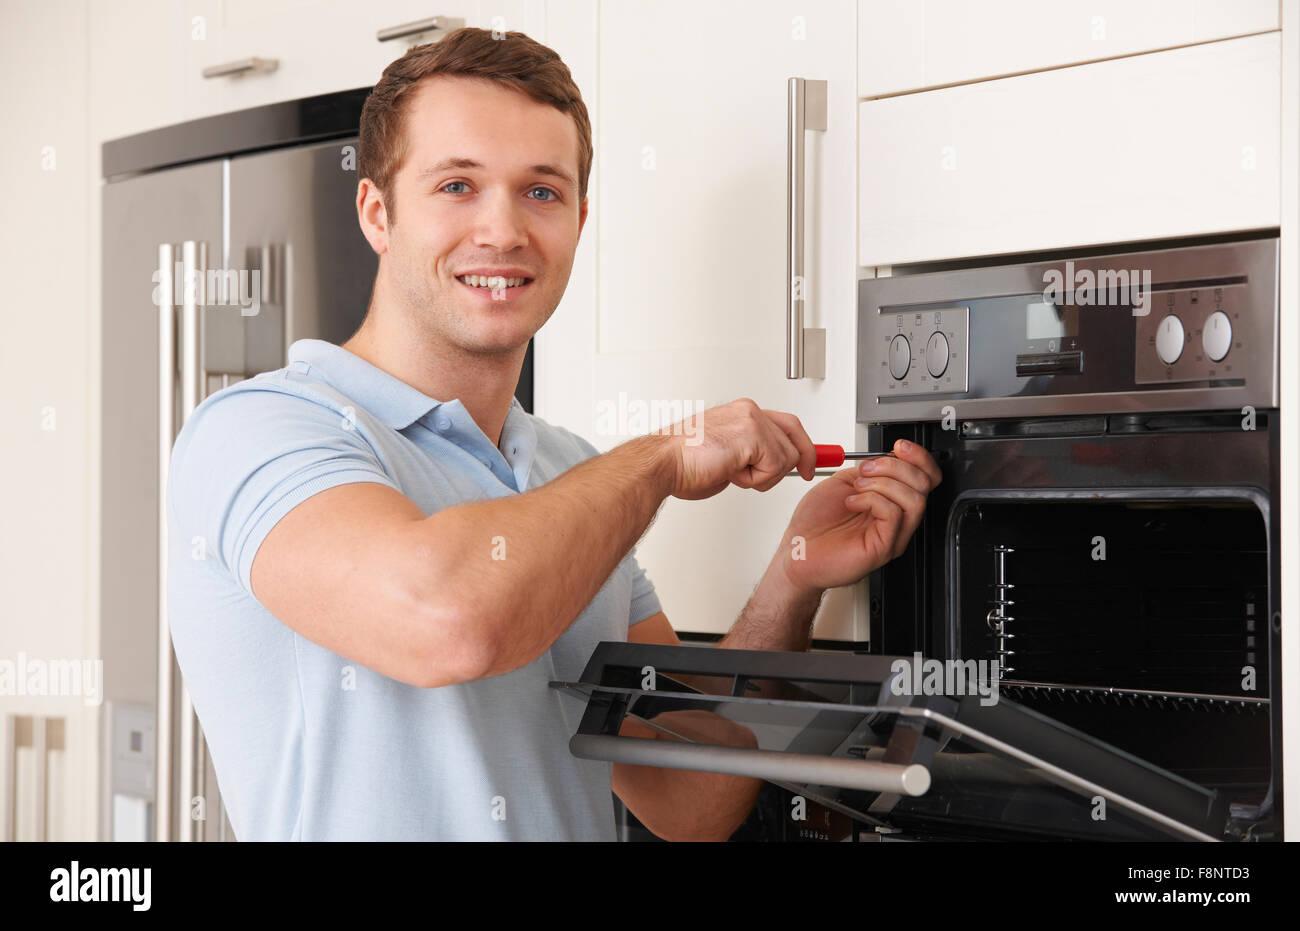 Mann, die Reparatur Backofen In der Küche Stockbild